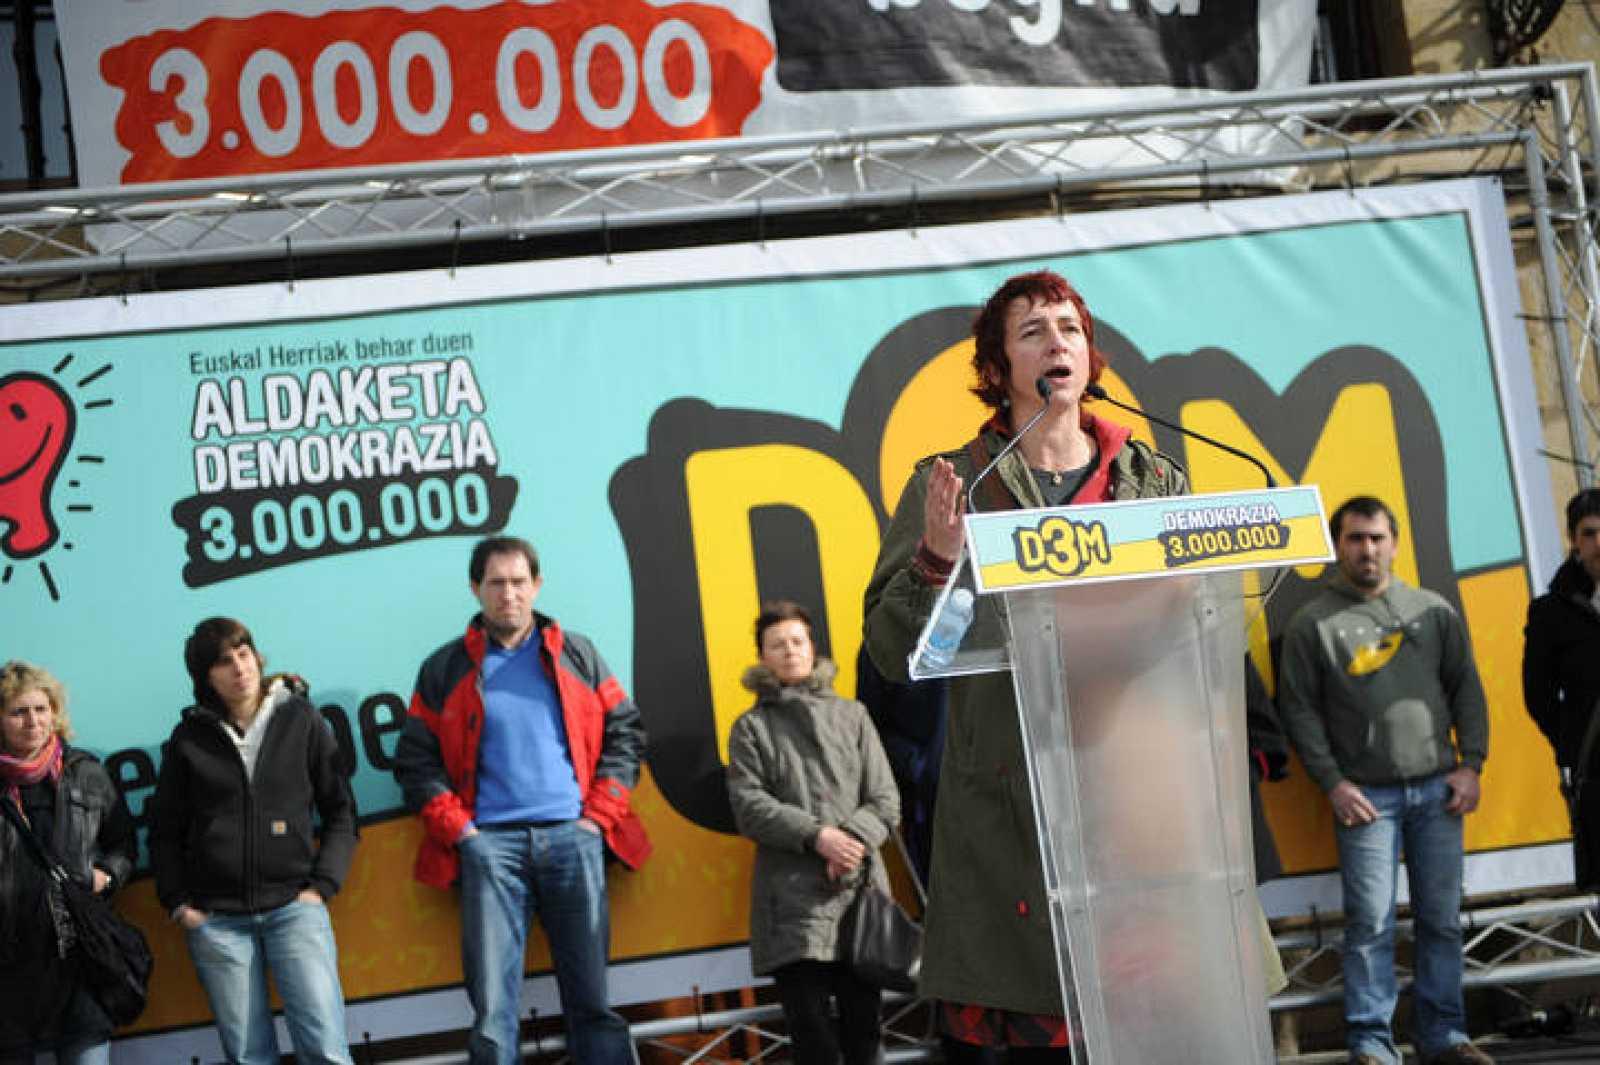 Idoia Ibero, líder en Guipuzcoa de D3M, plataforma electoral abertzale cuyas listas han sido anuladas por el Supremo.